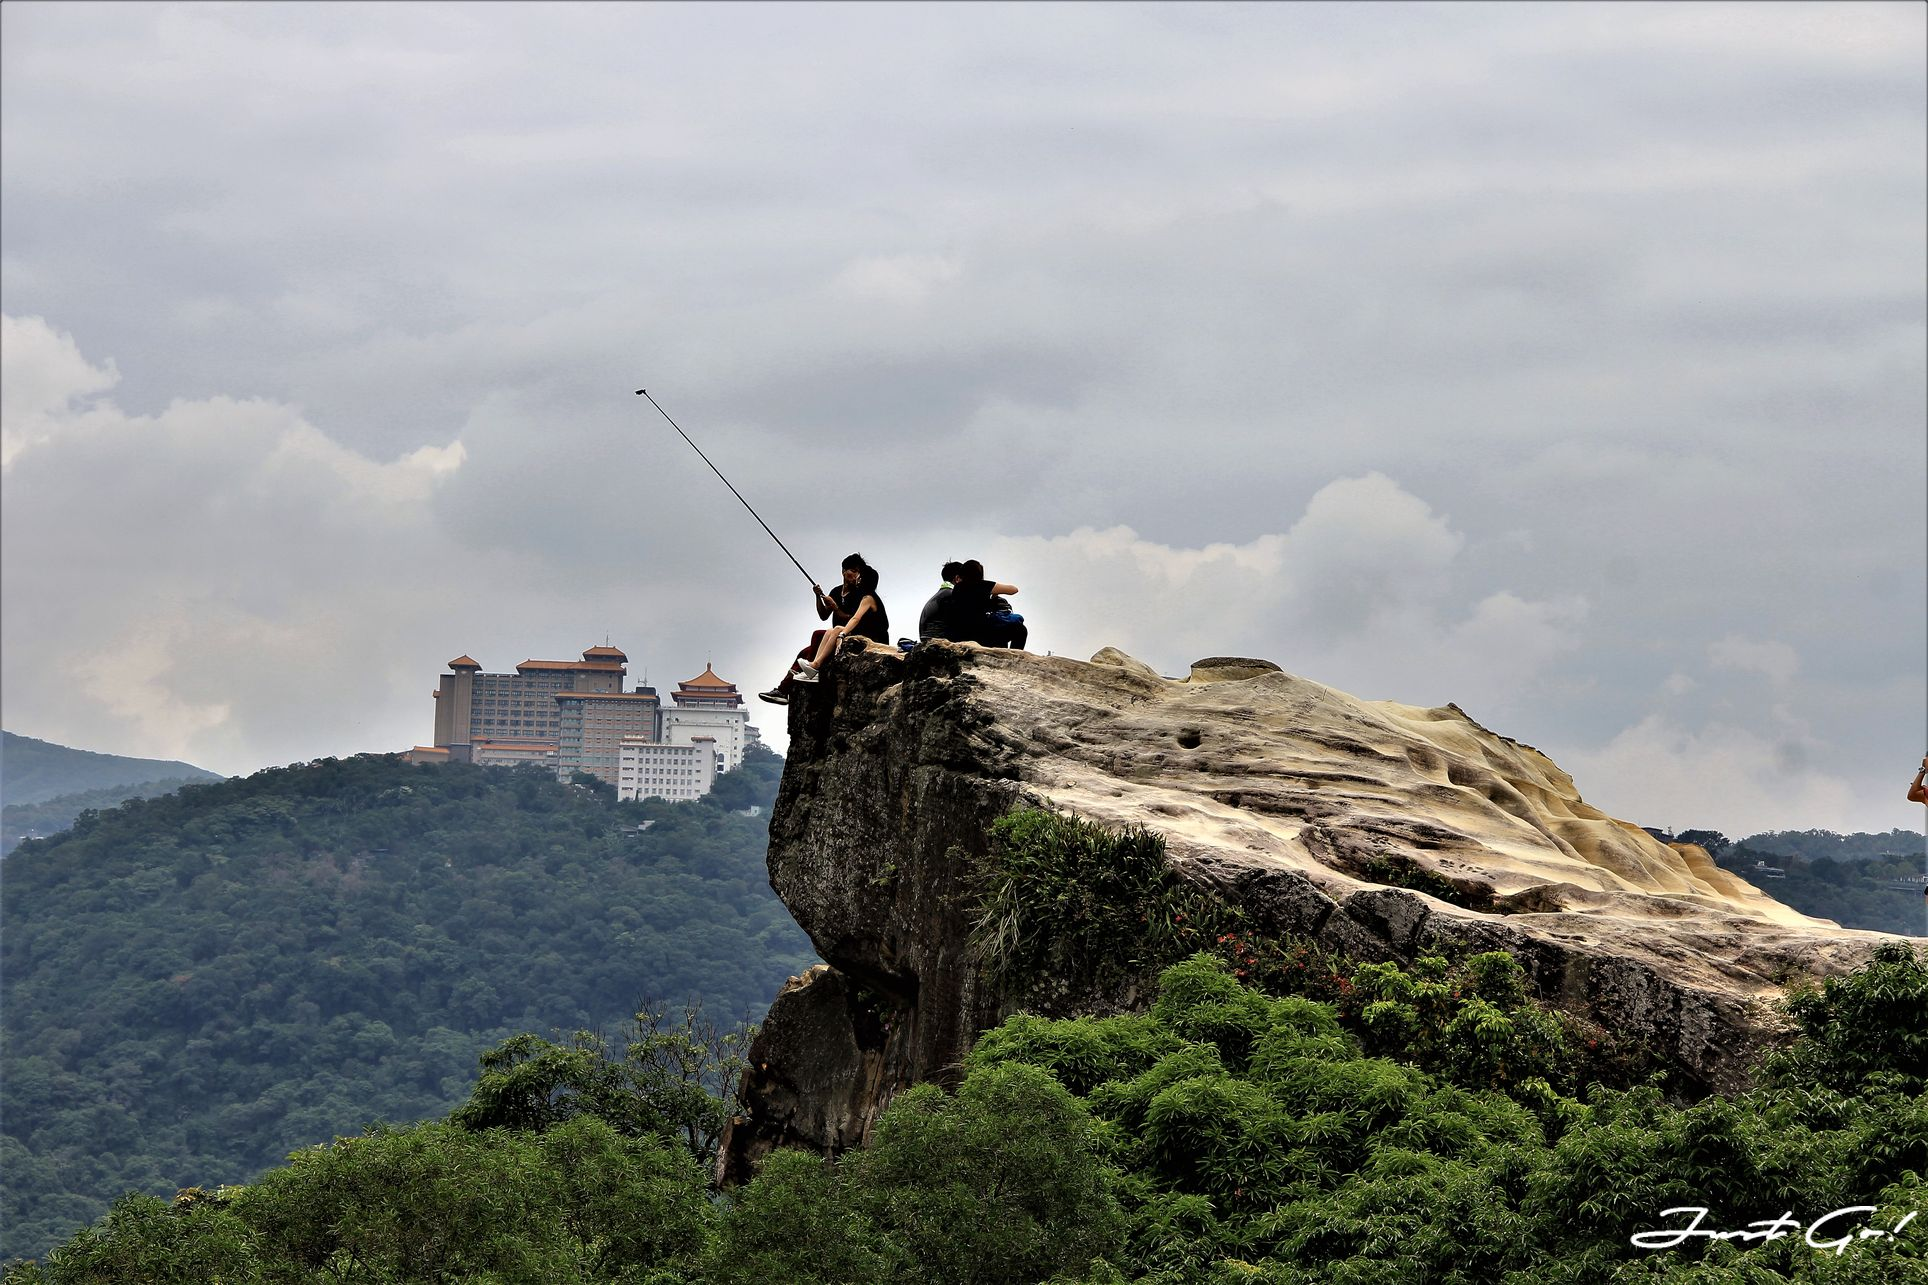 台北近郊·6條登山入門款路線推薦-交通方式、登山口、路徑規劃9